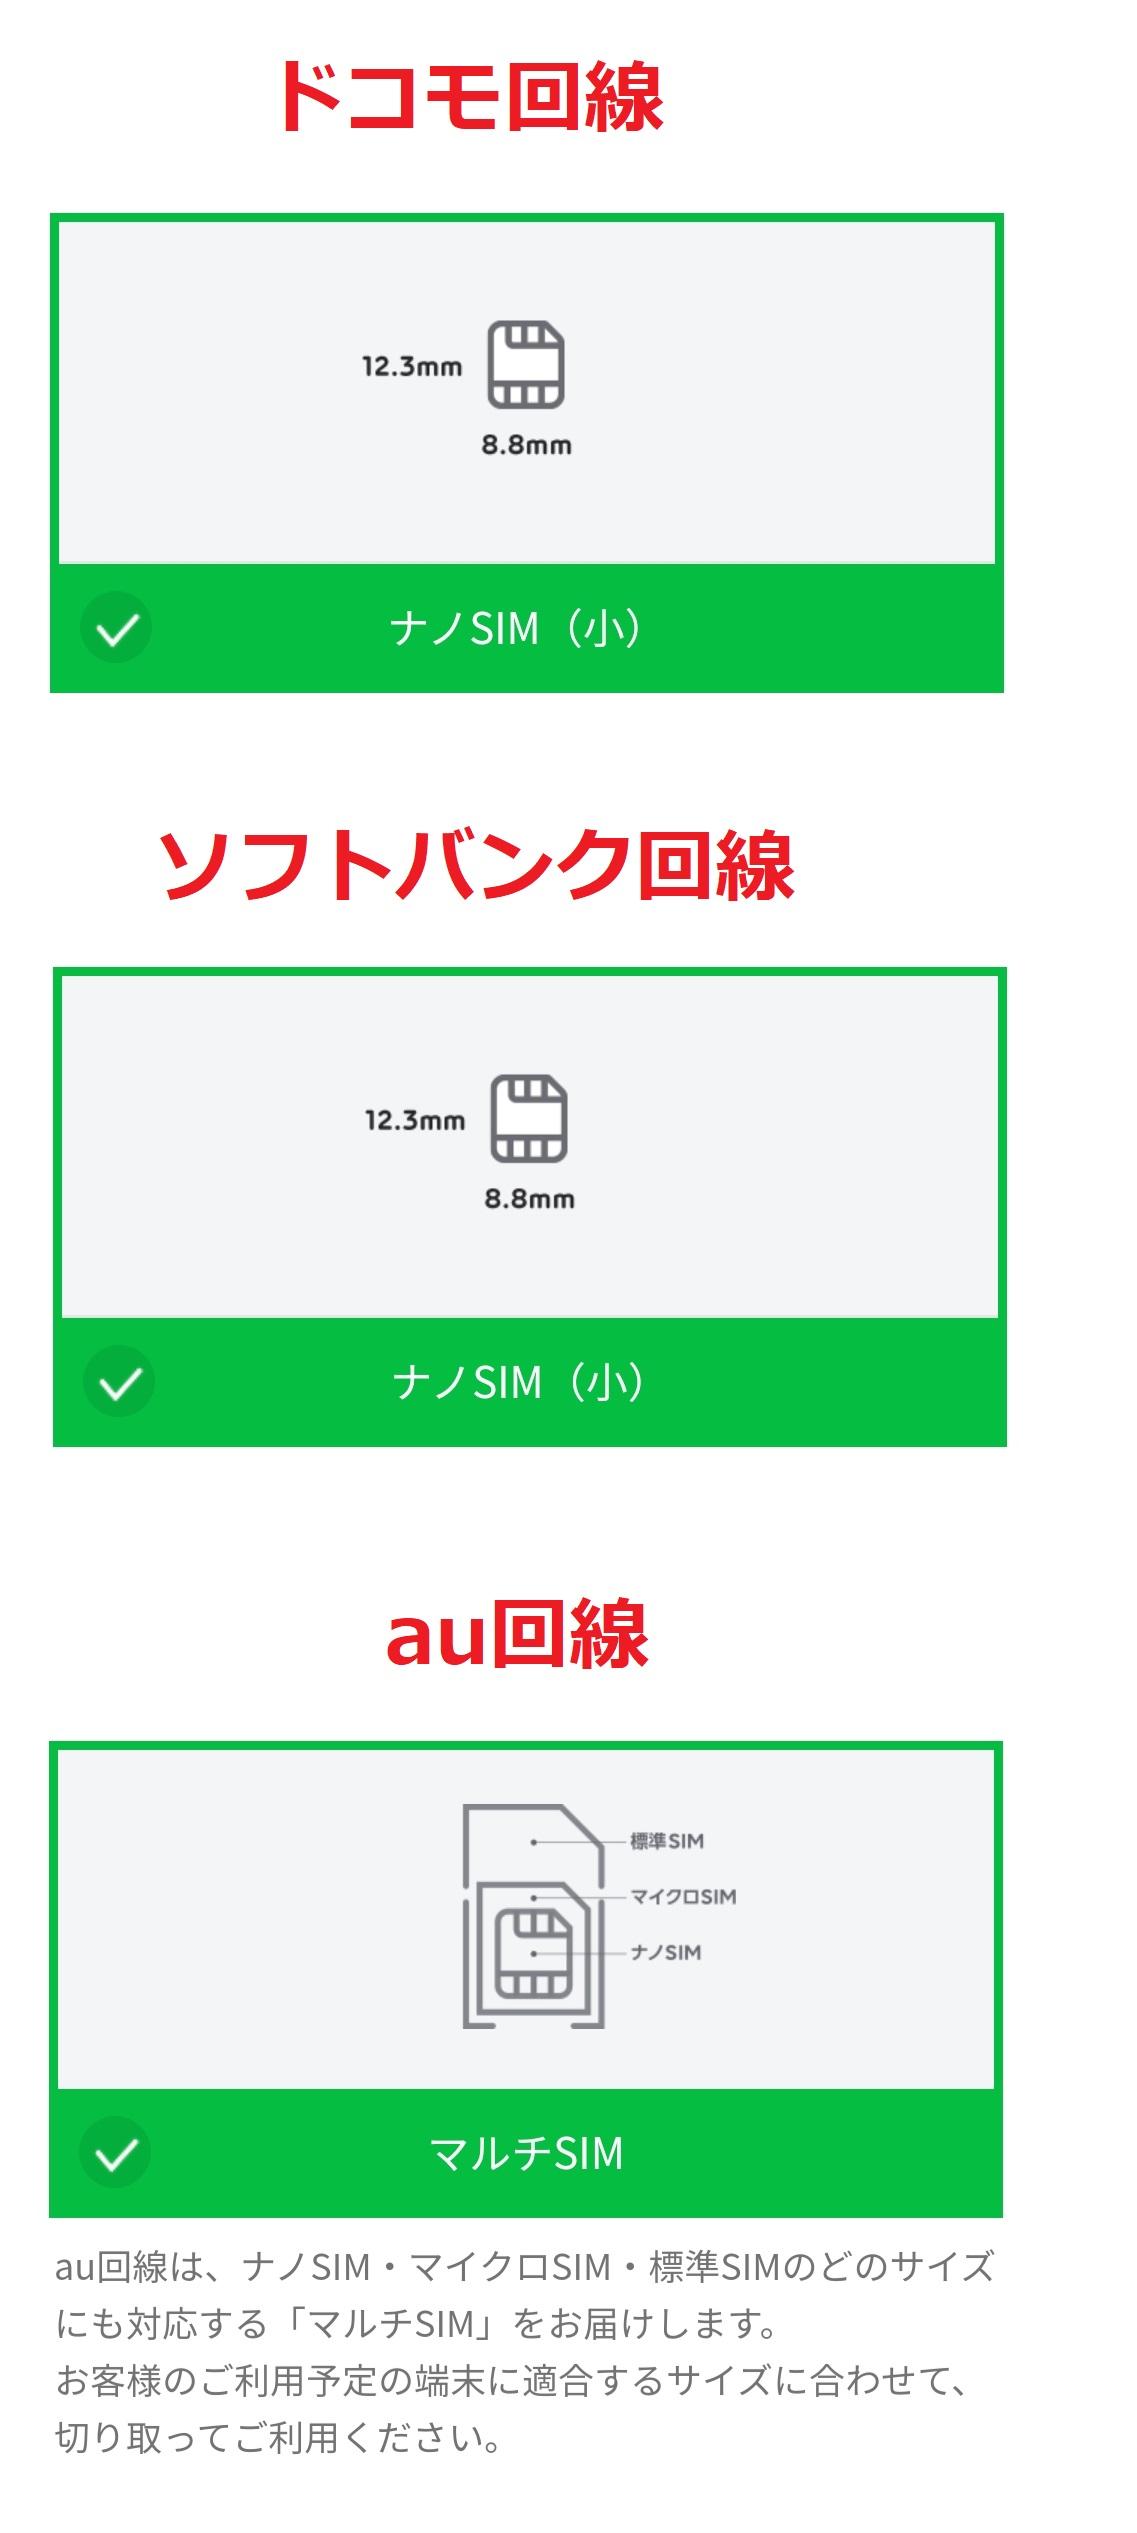 LINEモバイルiPhoneのSIM